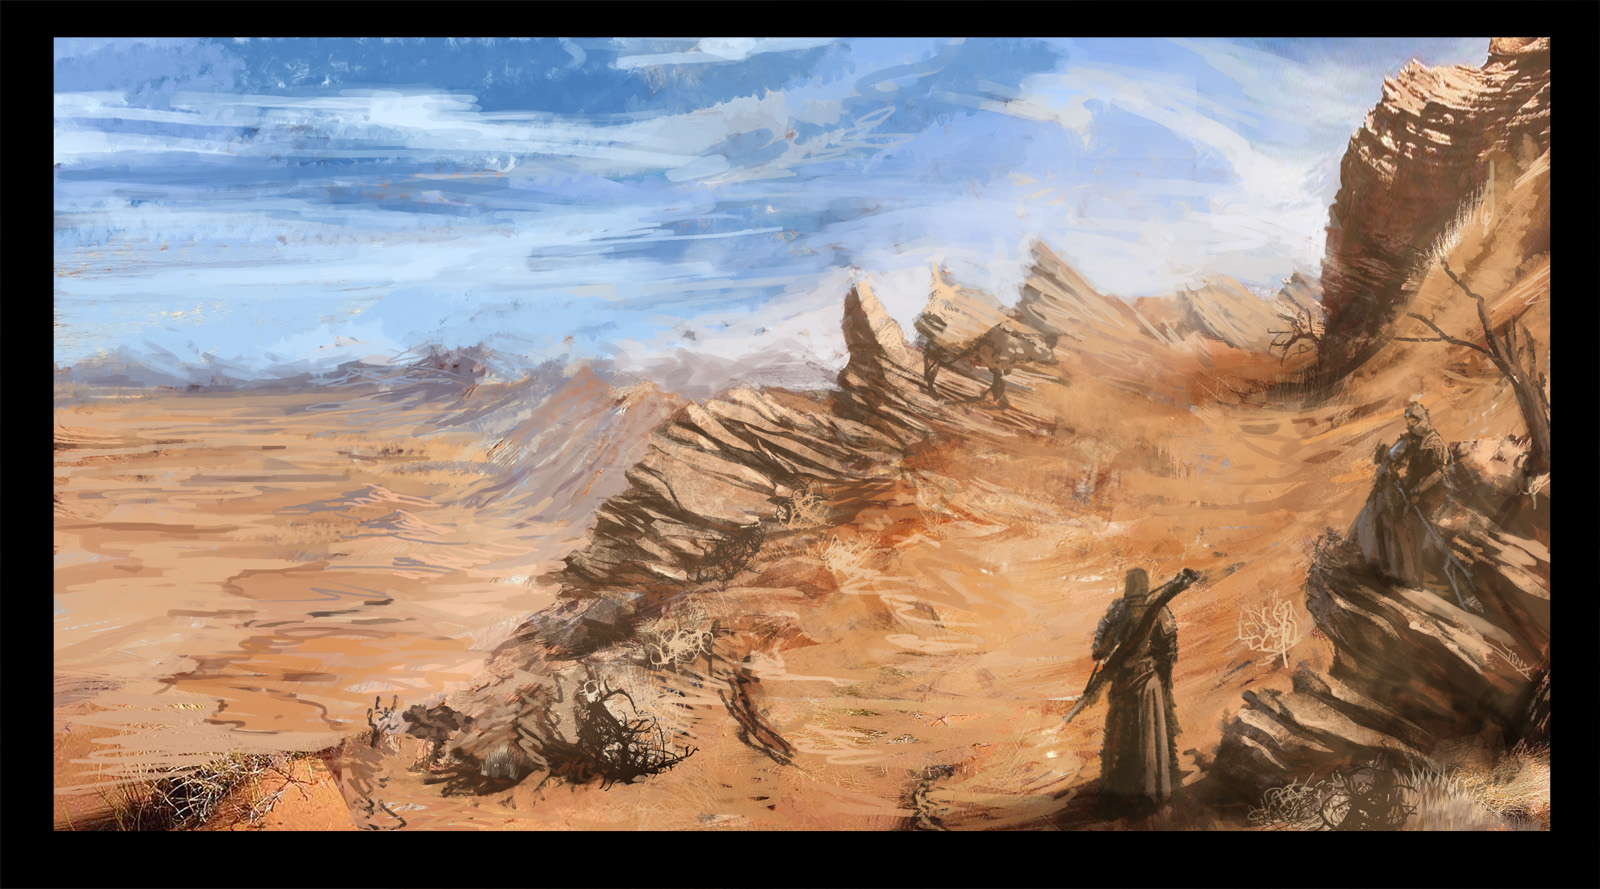 SDJ - Desert Inhabitants by Robjenx